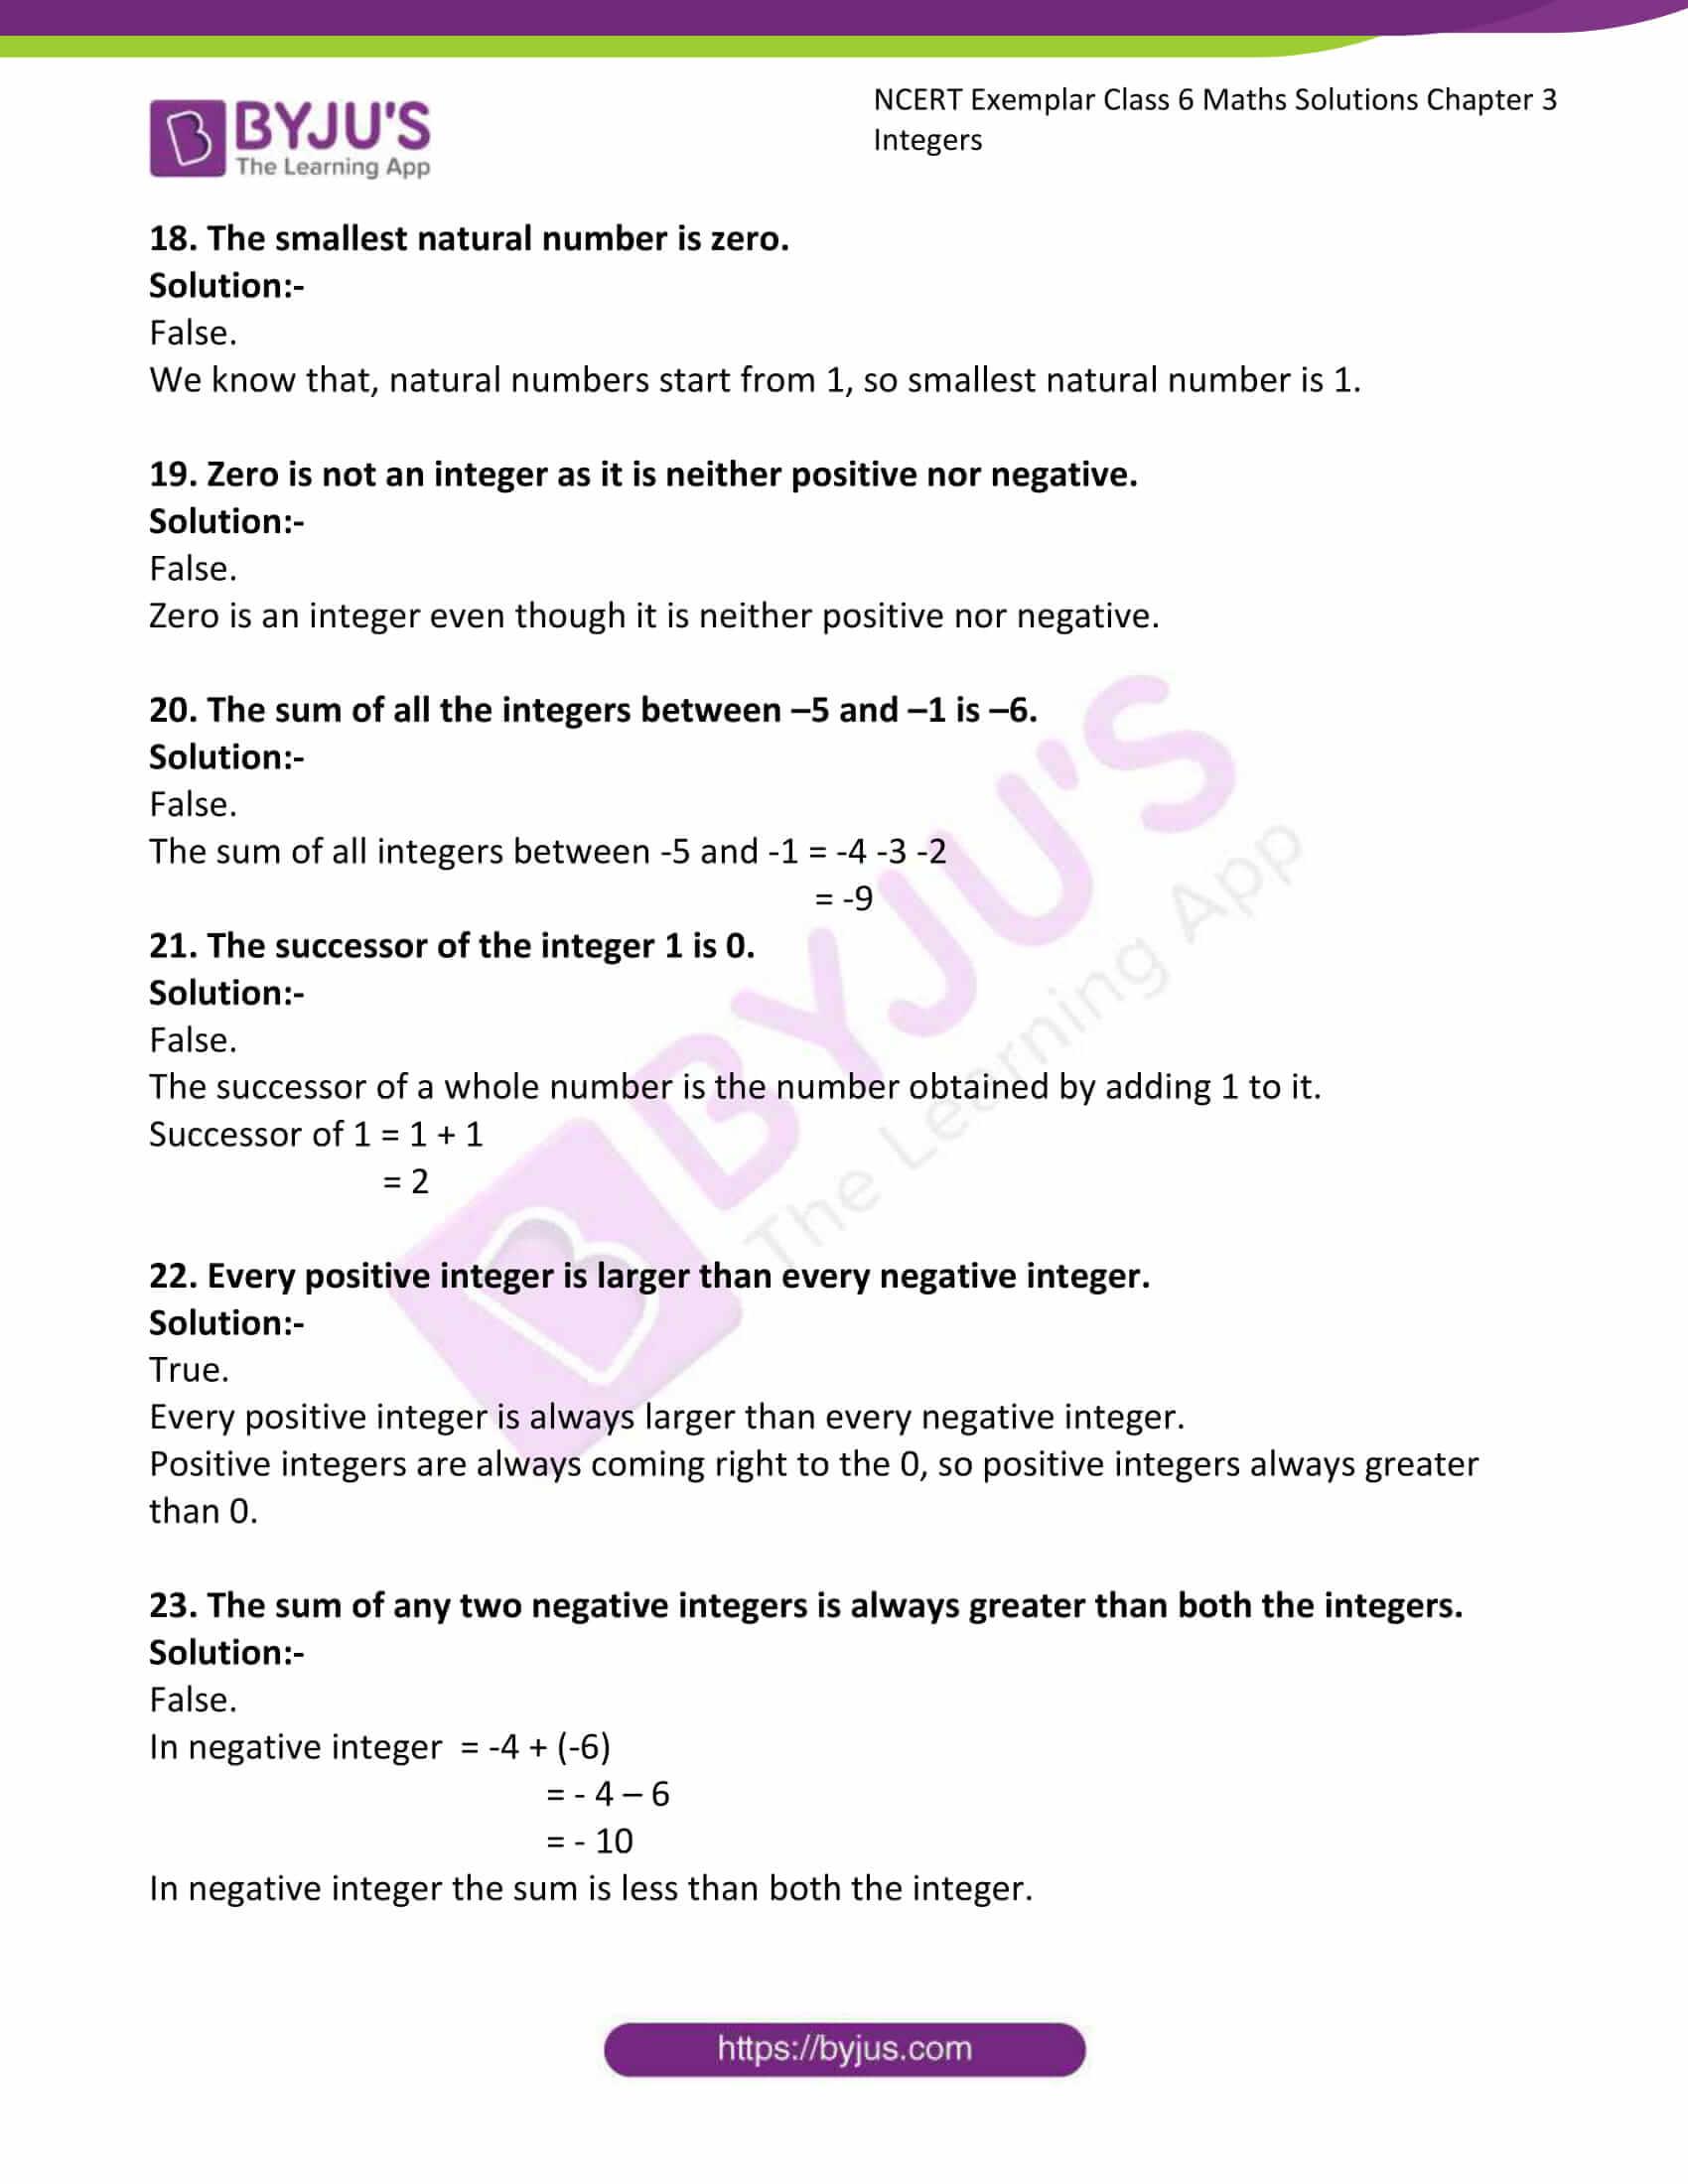 ncert exemplar class 6 maths sol ch 3 05